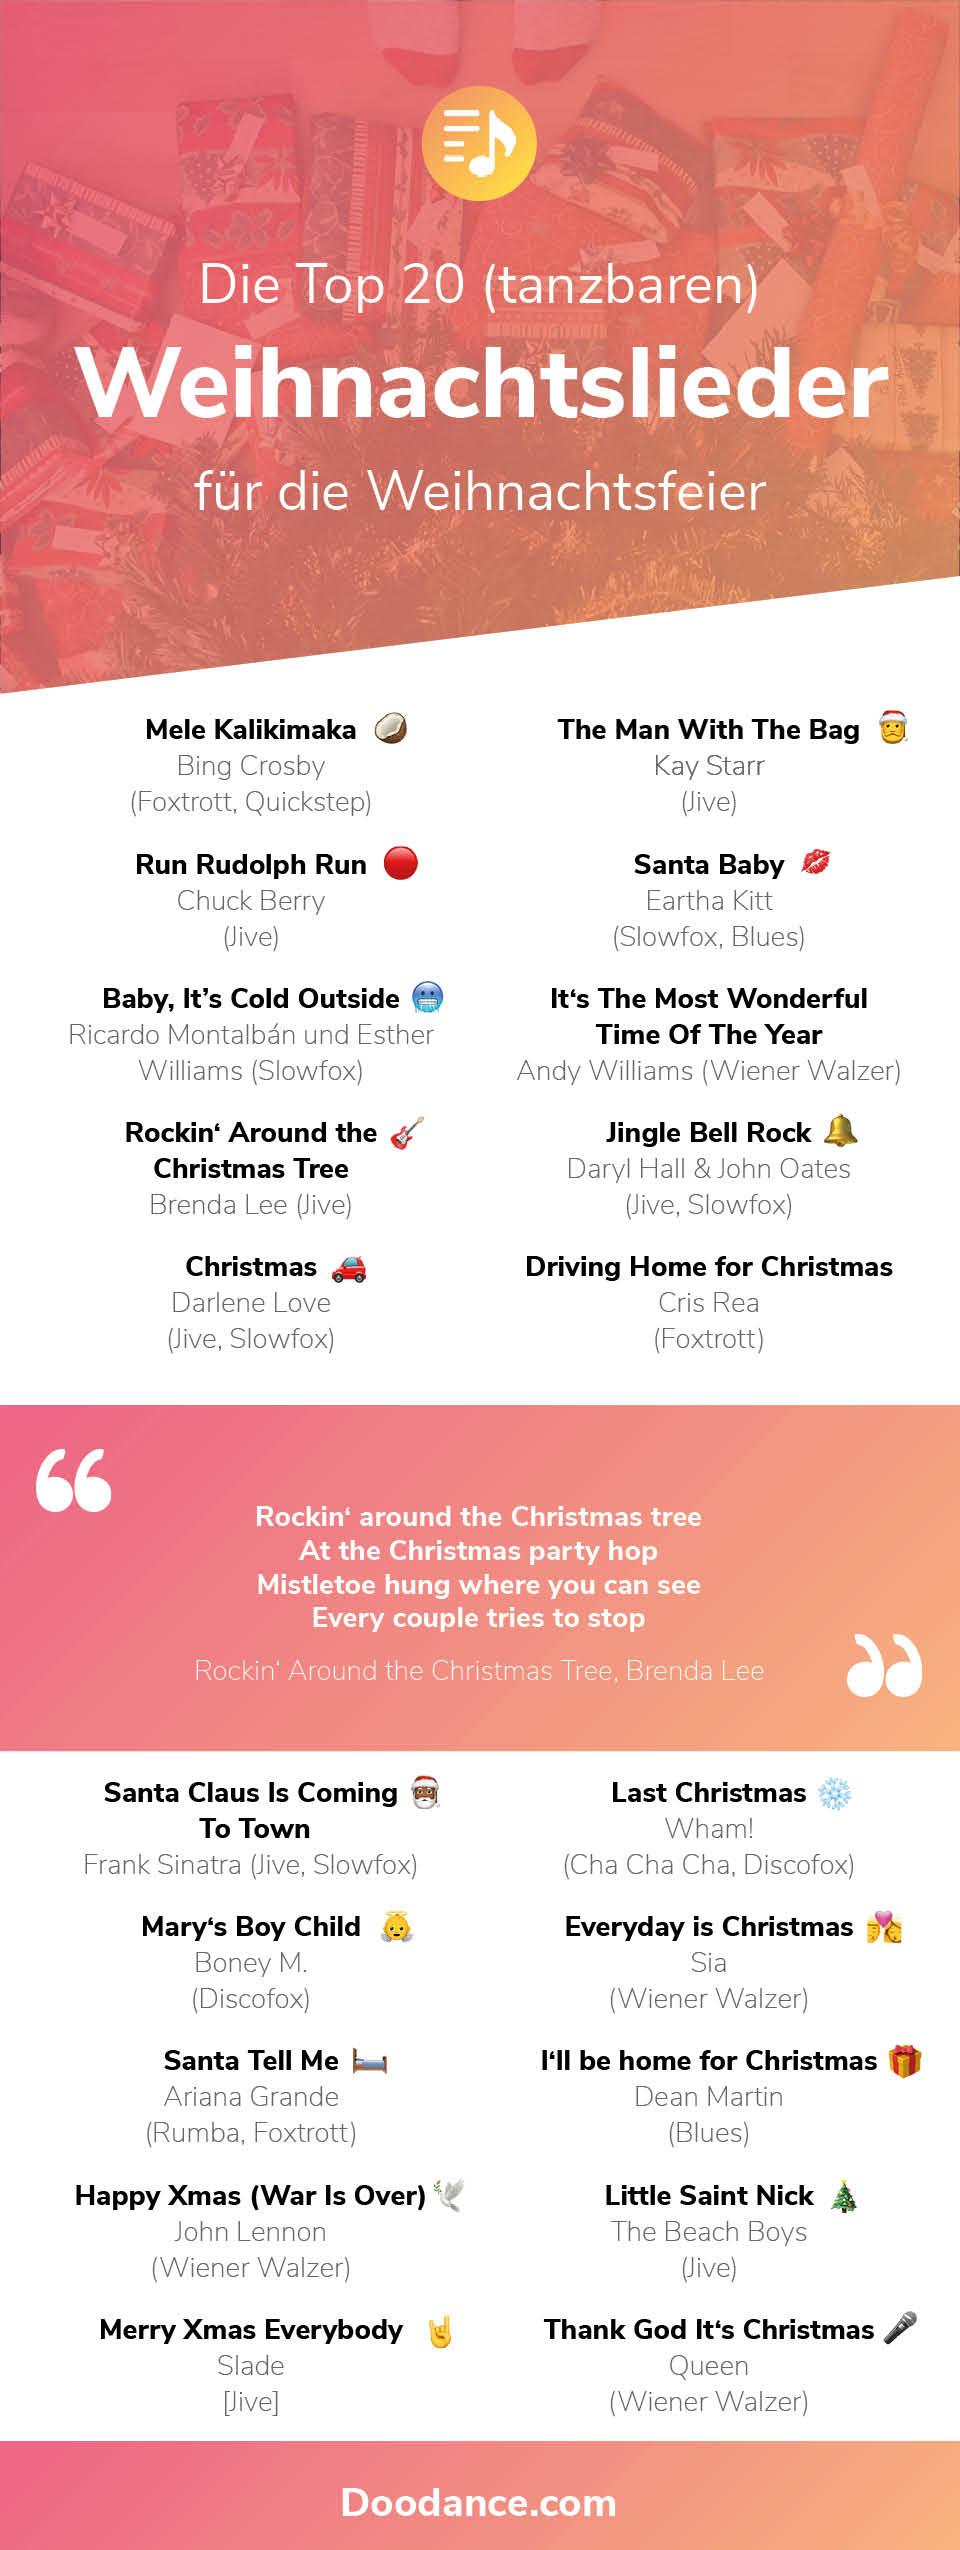 Top Weihnachtslieder.Top 20 Weihnachtslieder Für Die Weihnachtsfeier